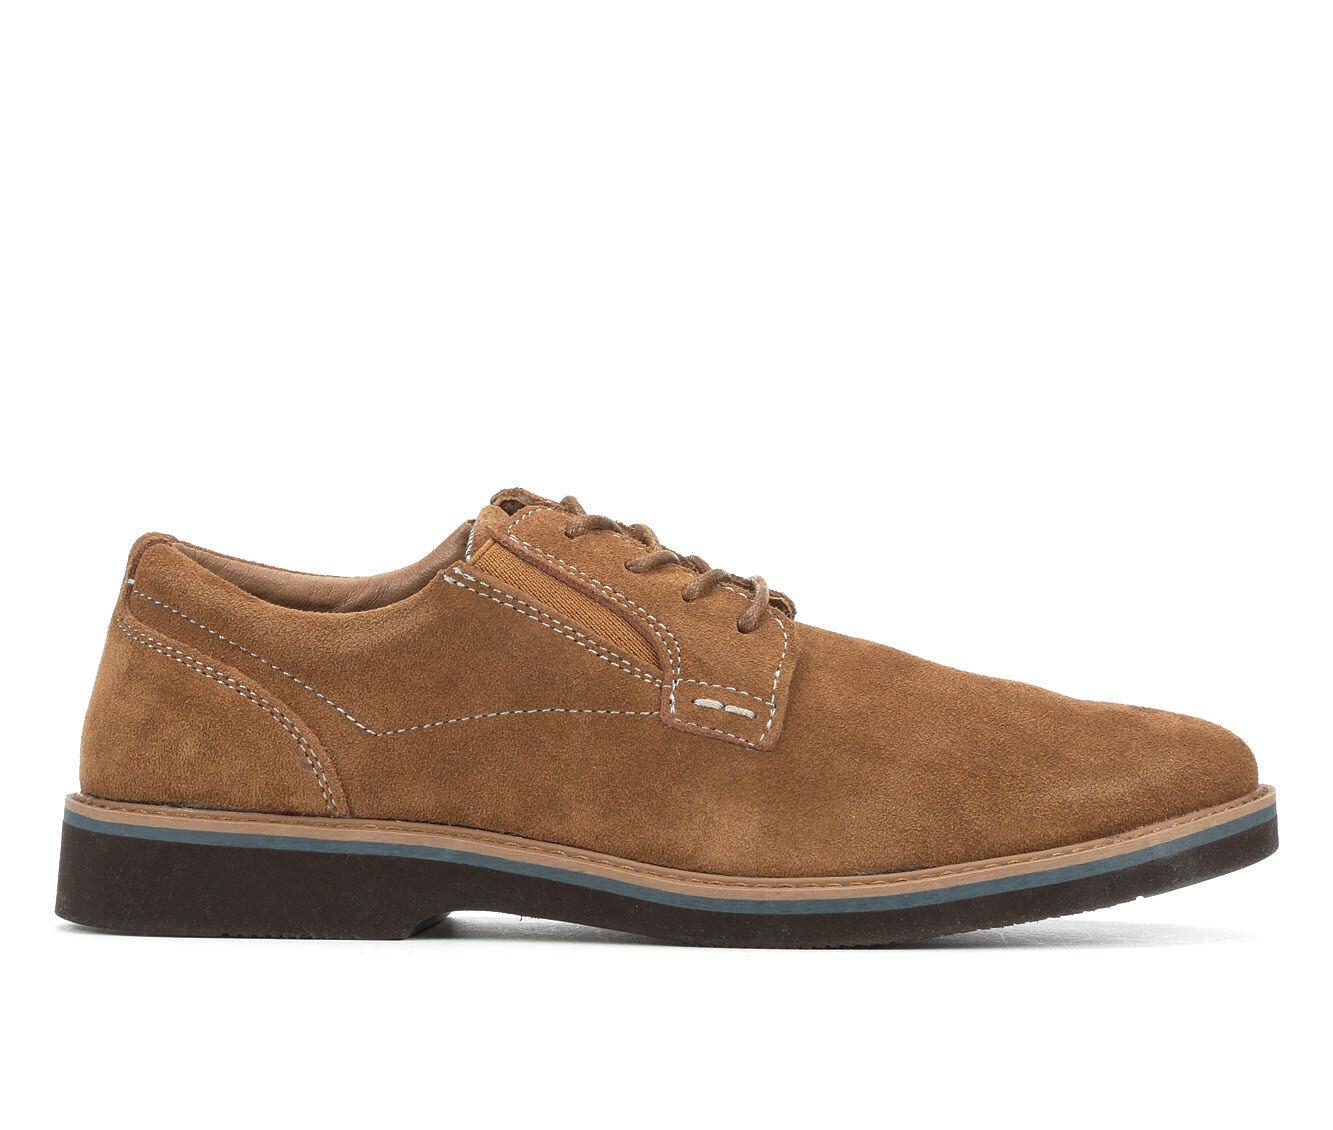 Men's Nunn Bush Barklay Plain Toe Oxford Dress Shoes Camel